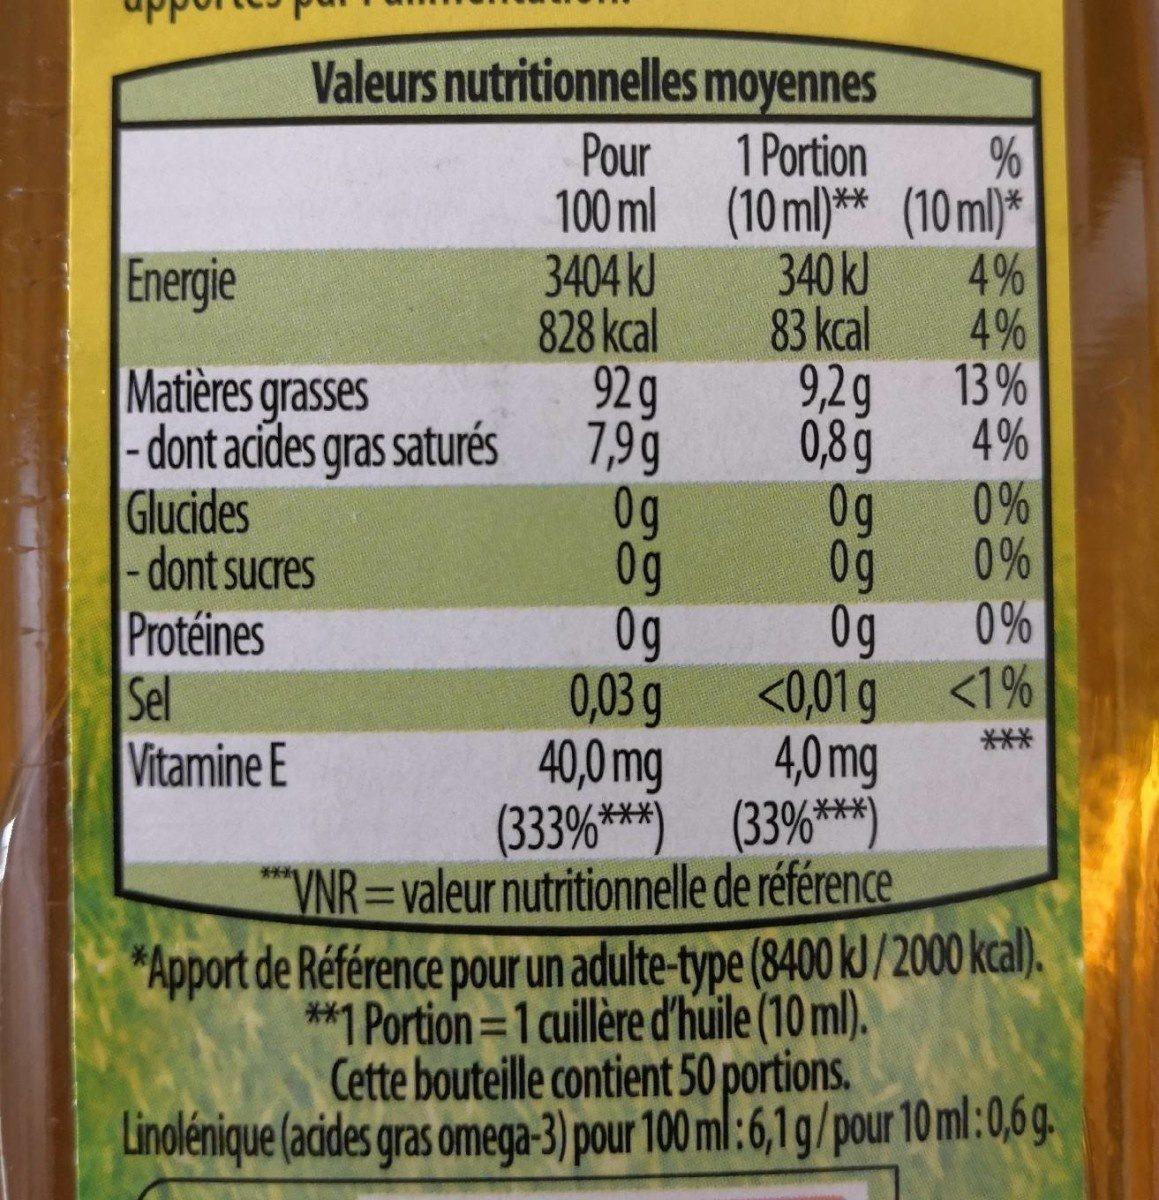 Huile pour Salade Riche en Oméga 3 - Informations nutritionnelles - fr